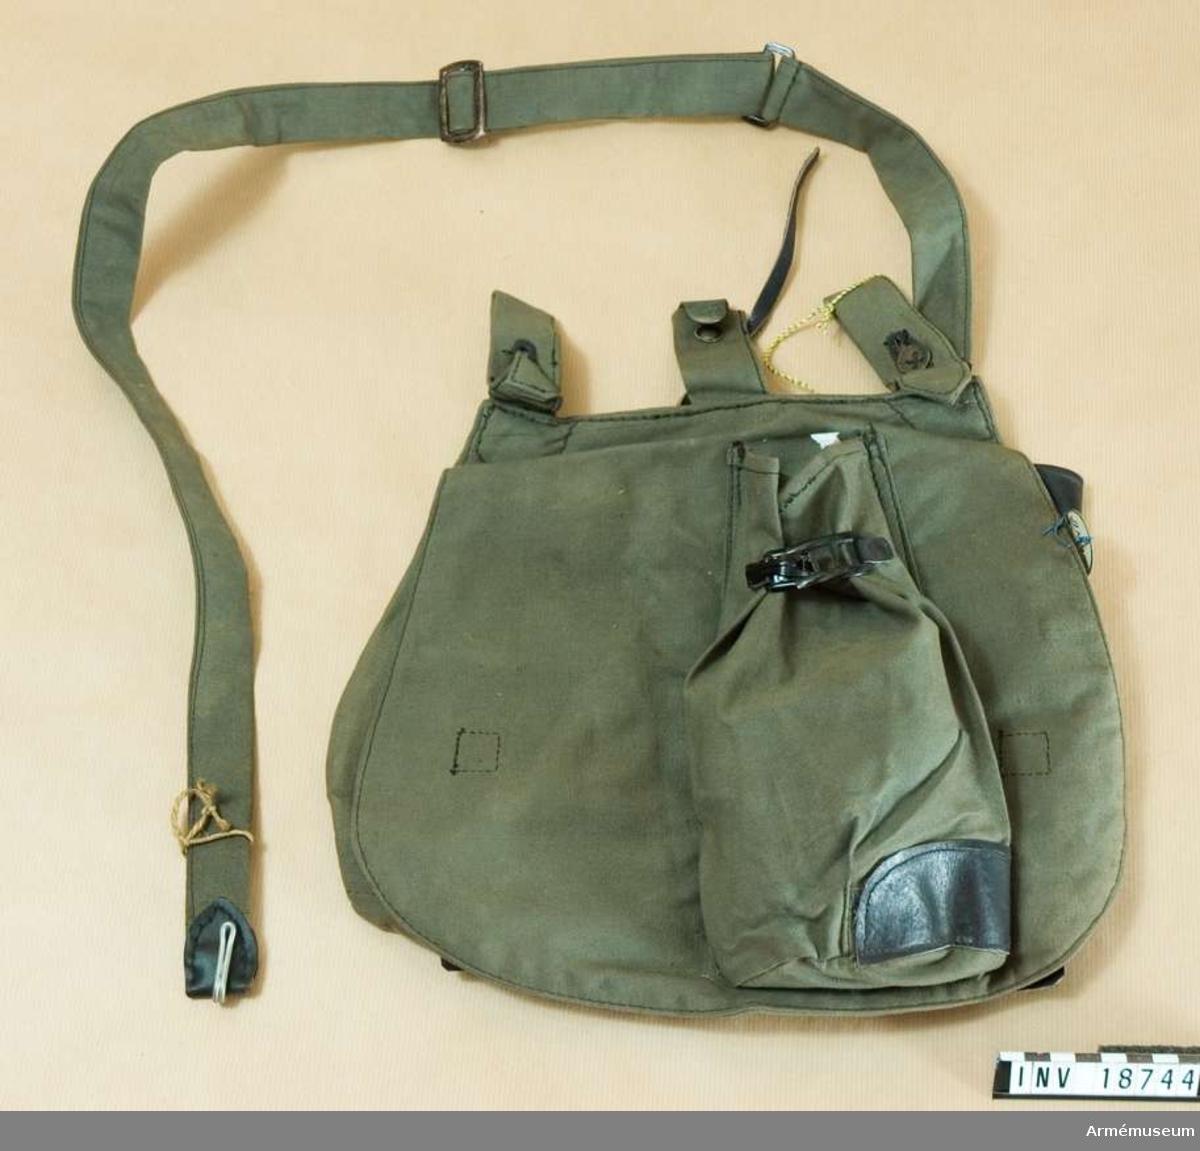 """Grupp C II Brödväska för menig, Holland. 1917. (Brotbeutel) av mörkgrått,tjockt tyg med två hylsor som stänges med knappar och krok för att hänga väskan på bältet. På framsidan finns en ficka som stängs med sölja. På väskans inre sida finns en ficka av svart läder med lock som stängs med knapp och en stämpel """"G.M. 1917"""". För att stänga väskan finns inuti två svarta läderremmar och  två knappar. Väskan har axelgehäng av samma tyg med ring och spänne."""